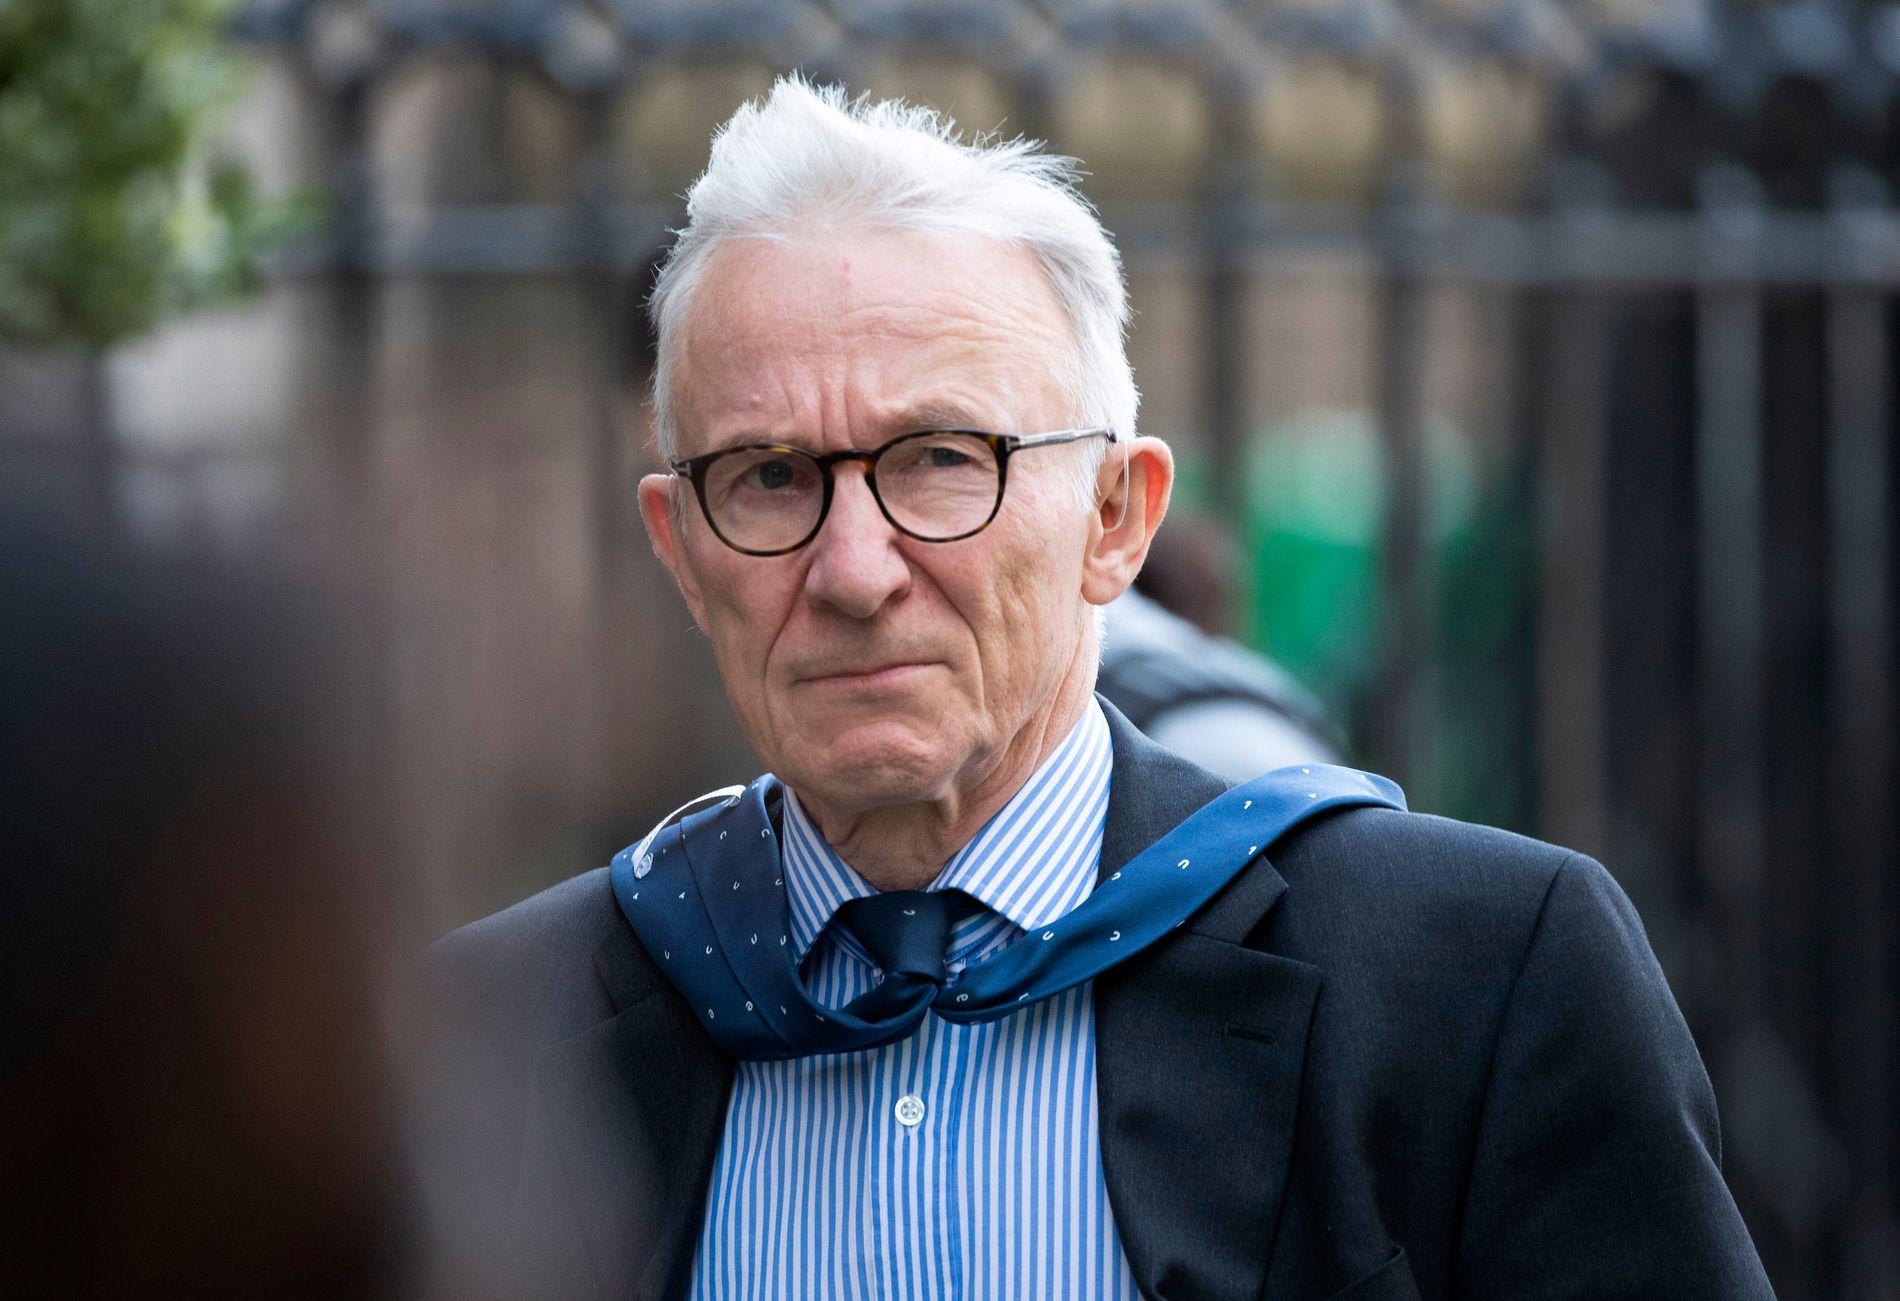 Dommer Raymond Doherty utenfor retten der han torsdag hørte argumenter fra parlamentarikerne som vil stoppe Johnson og fra regjeringens advokat, som mener saken ikke hører hjemme i rettsvesenet. Foto: Jane Barlow / PA / AP / NTB scanpix